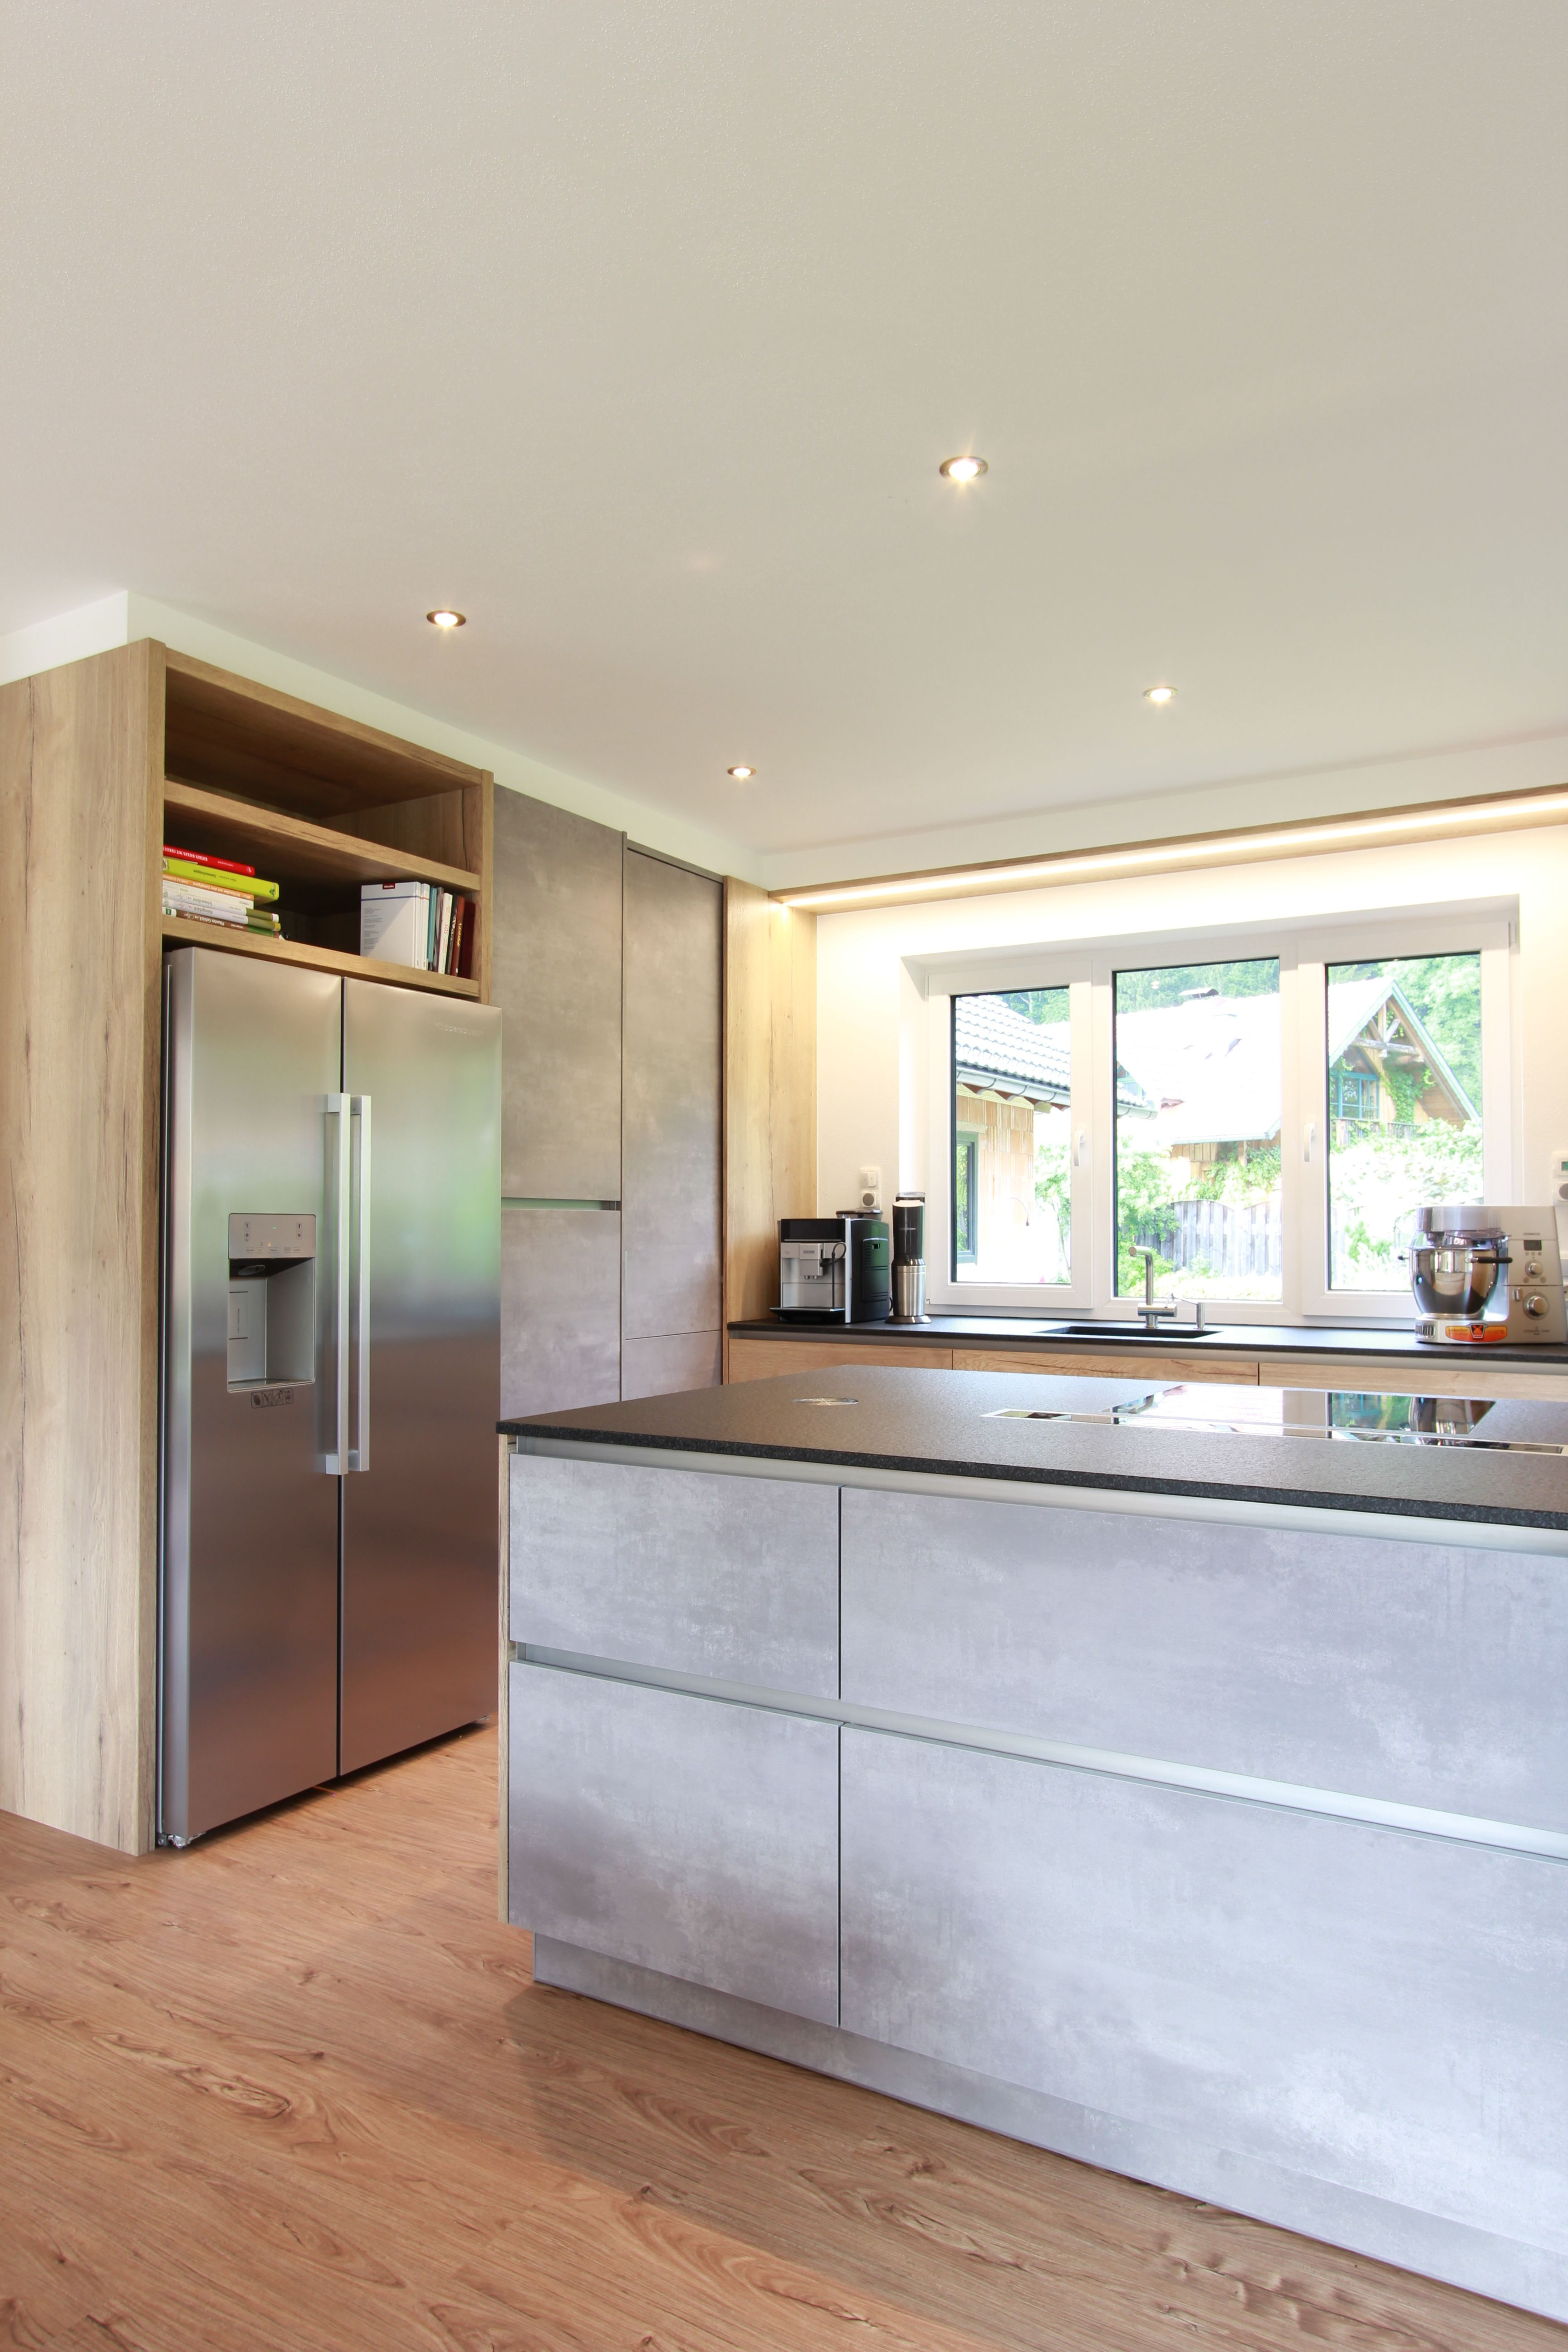 Küche in Beton-Optik  Amerikanischer kühlschrank, Wohnung küche